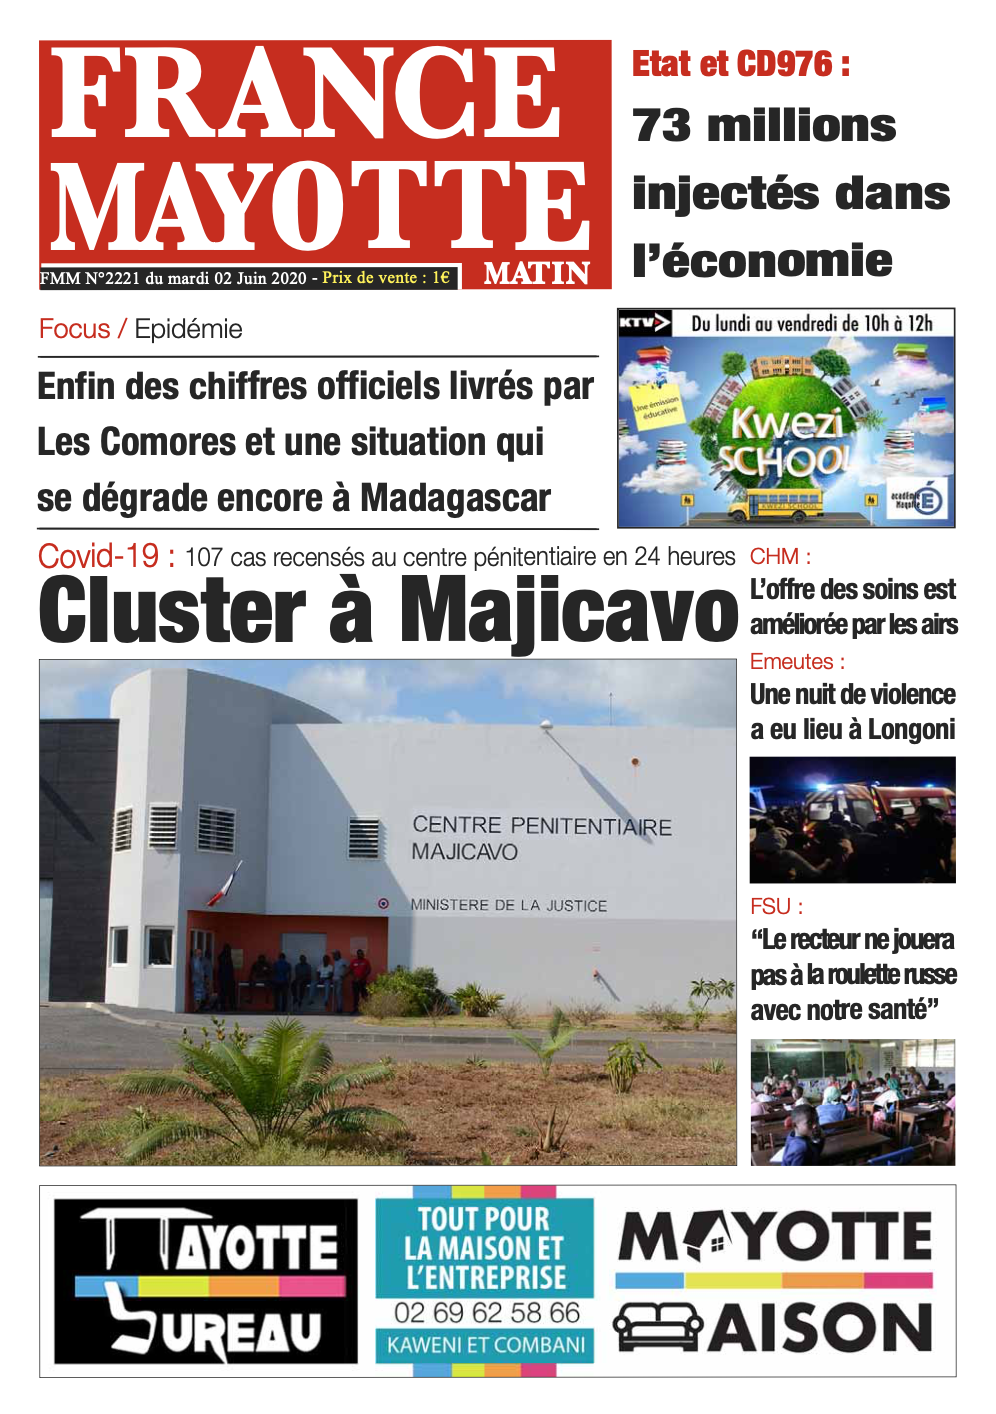 France Mayotte Mardi 2 juin 2020